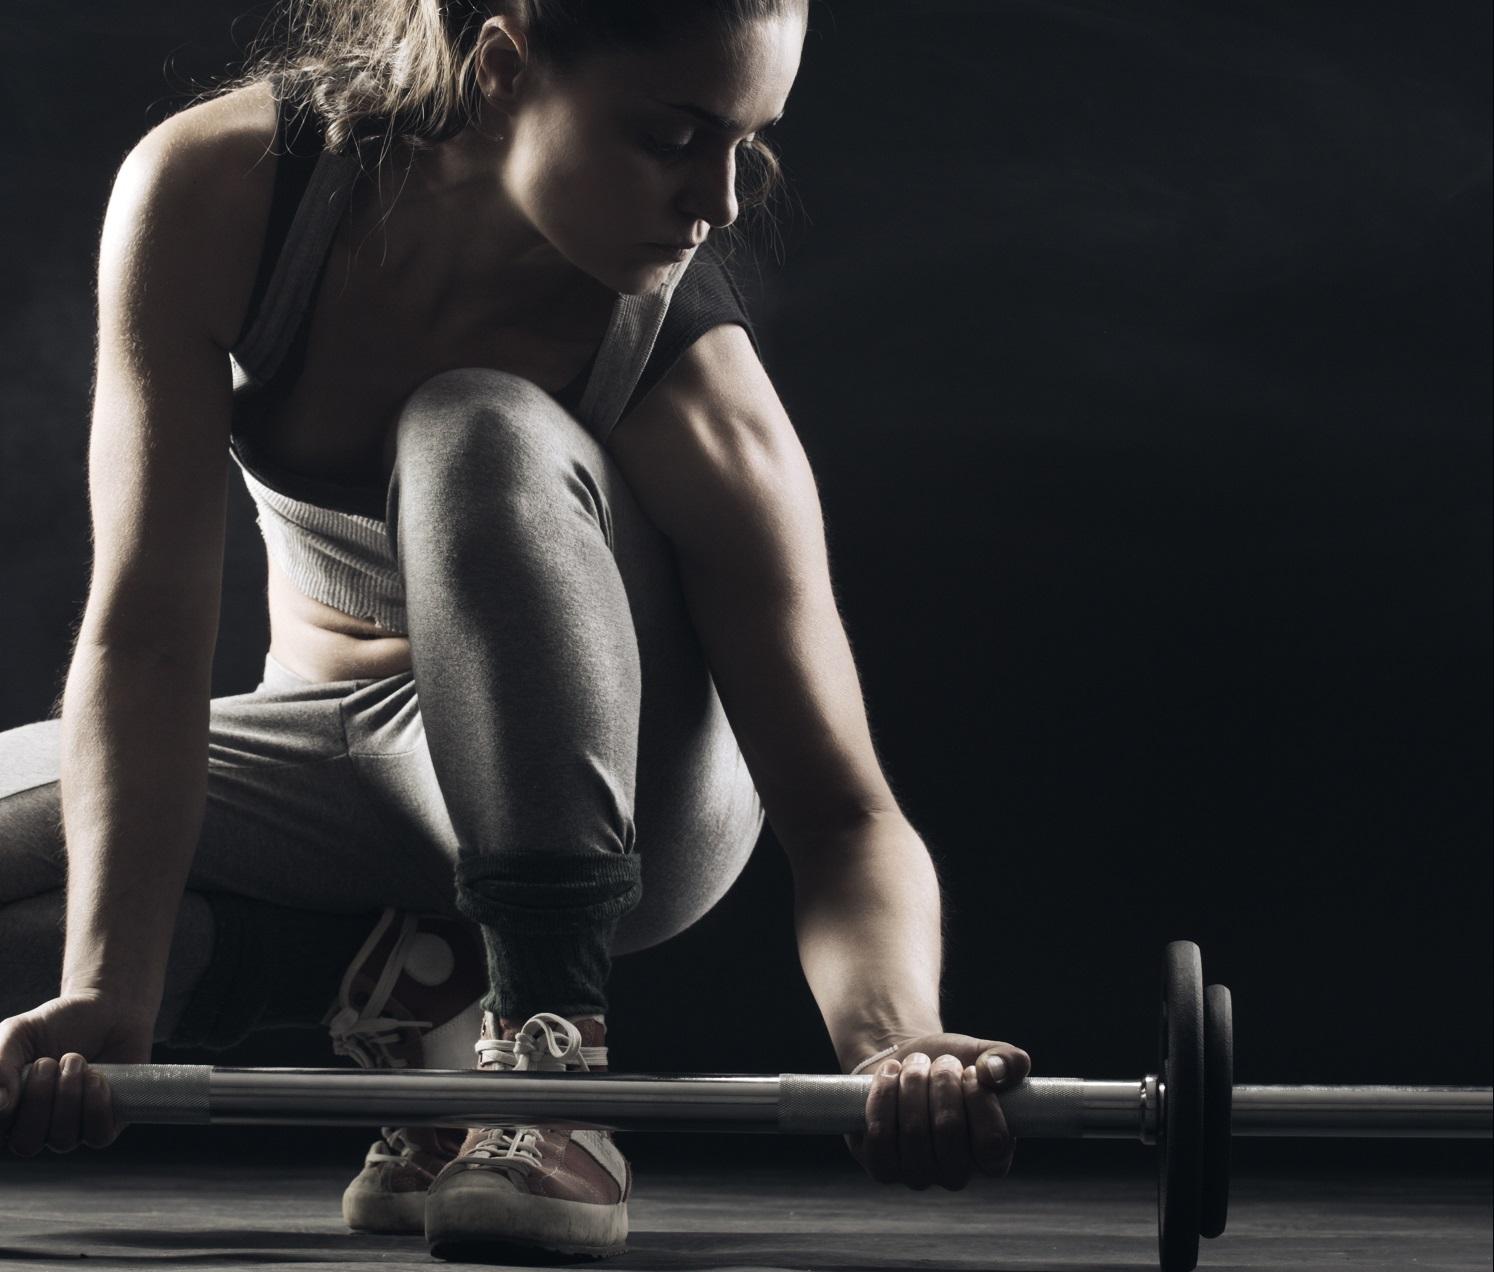 Какой спорт лучше всего для похудения, какой вид спорта лучше всего способствует похудению,